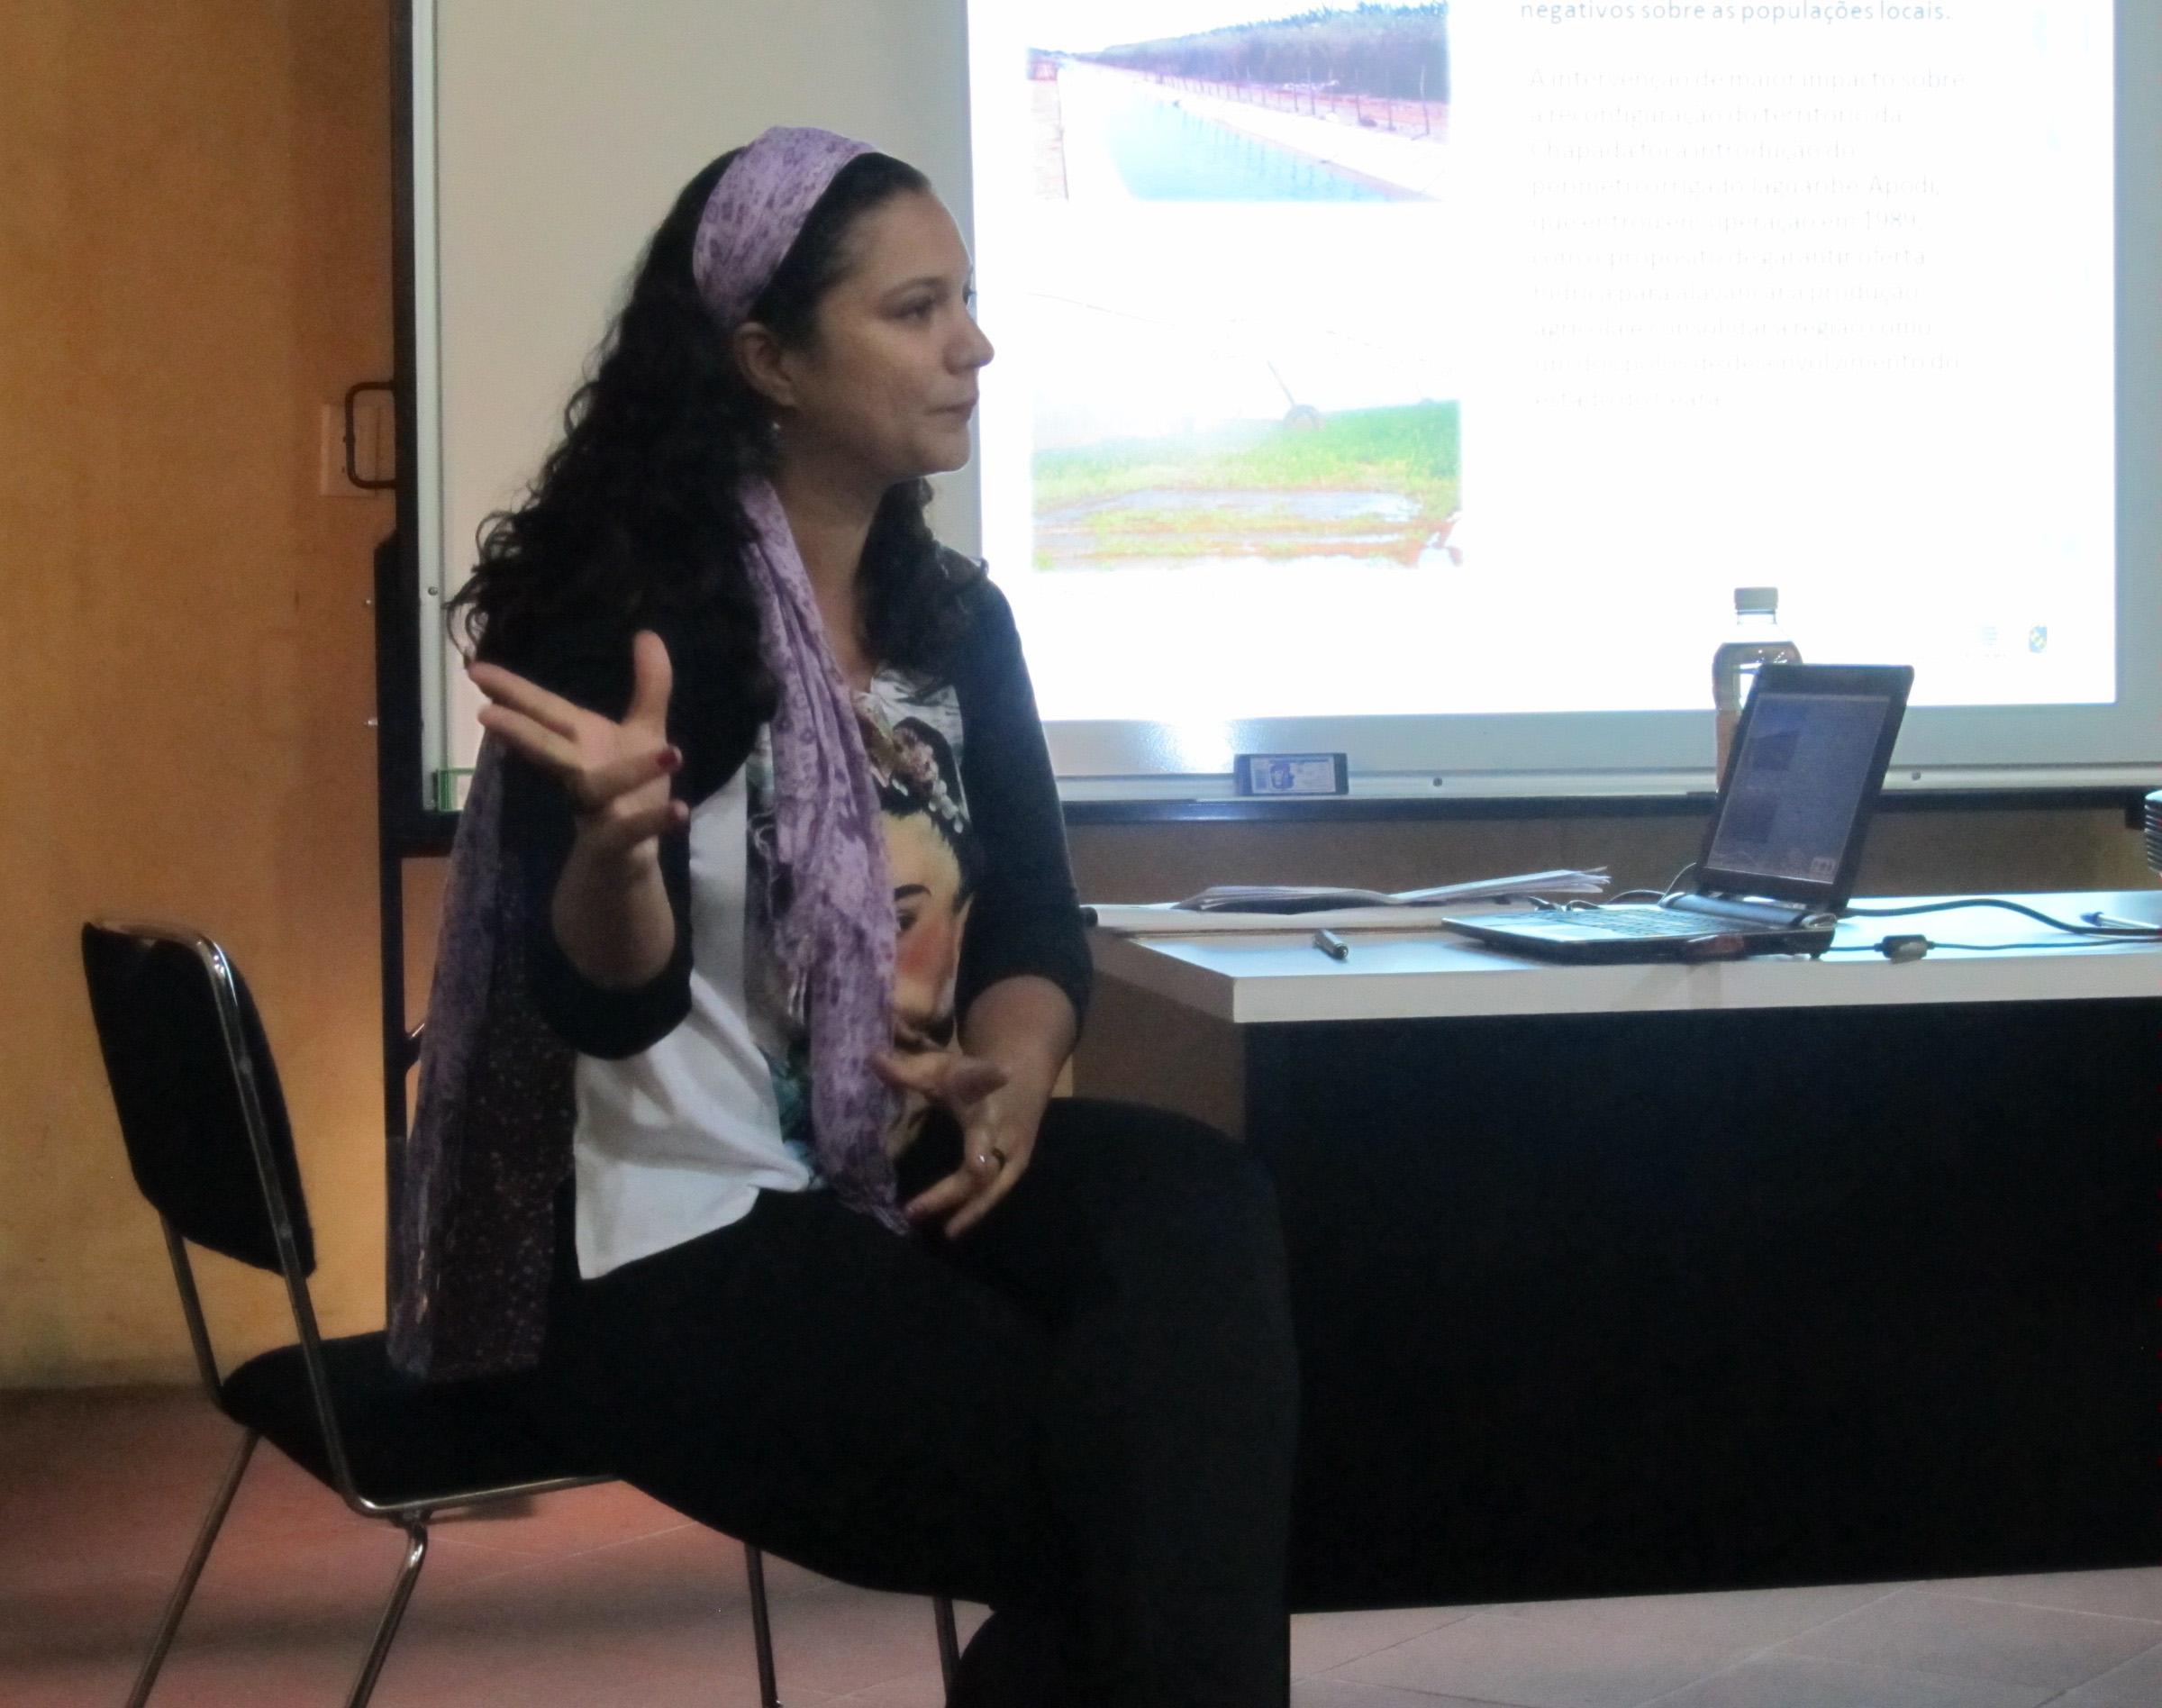 ''A sociedade precisa reagir ao cenário que vem sendo construído, mas, para isso, precisa ter a dimensão real do problema e de suas causas'', comenta a pesquisadora Mayara Melo